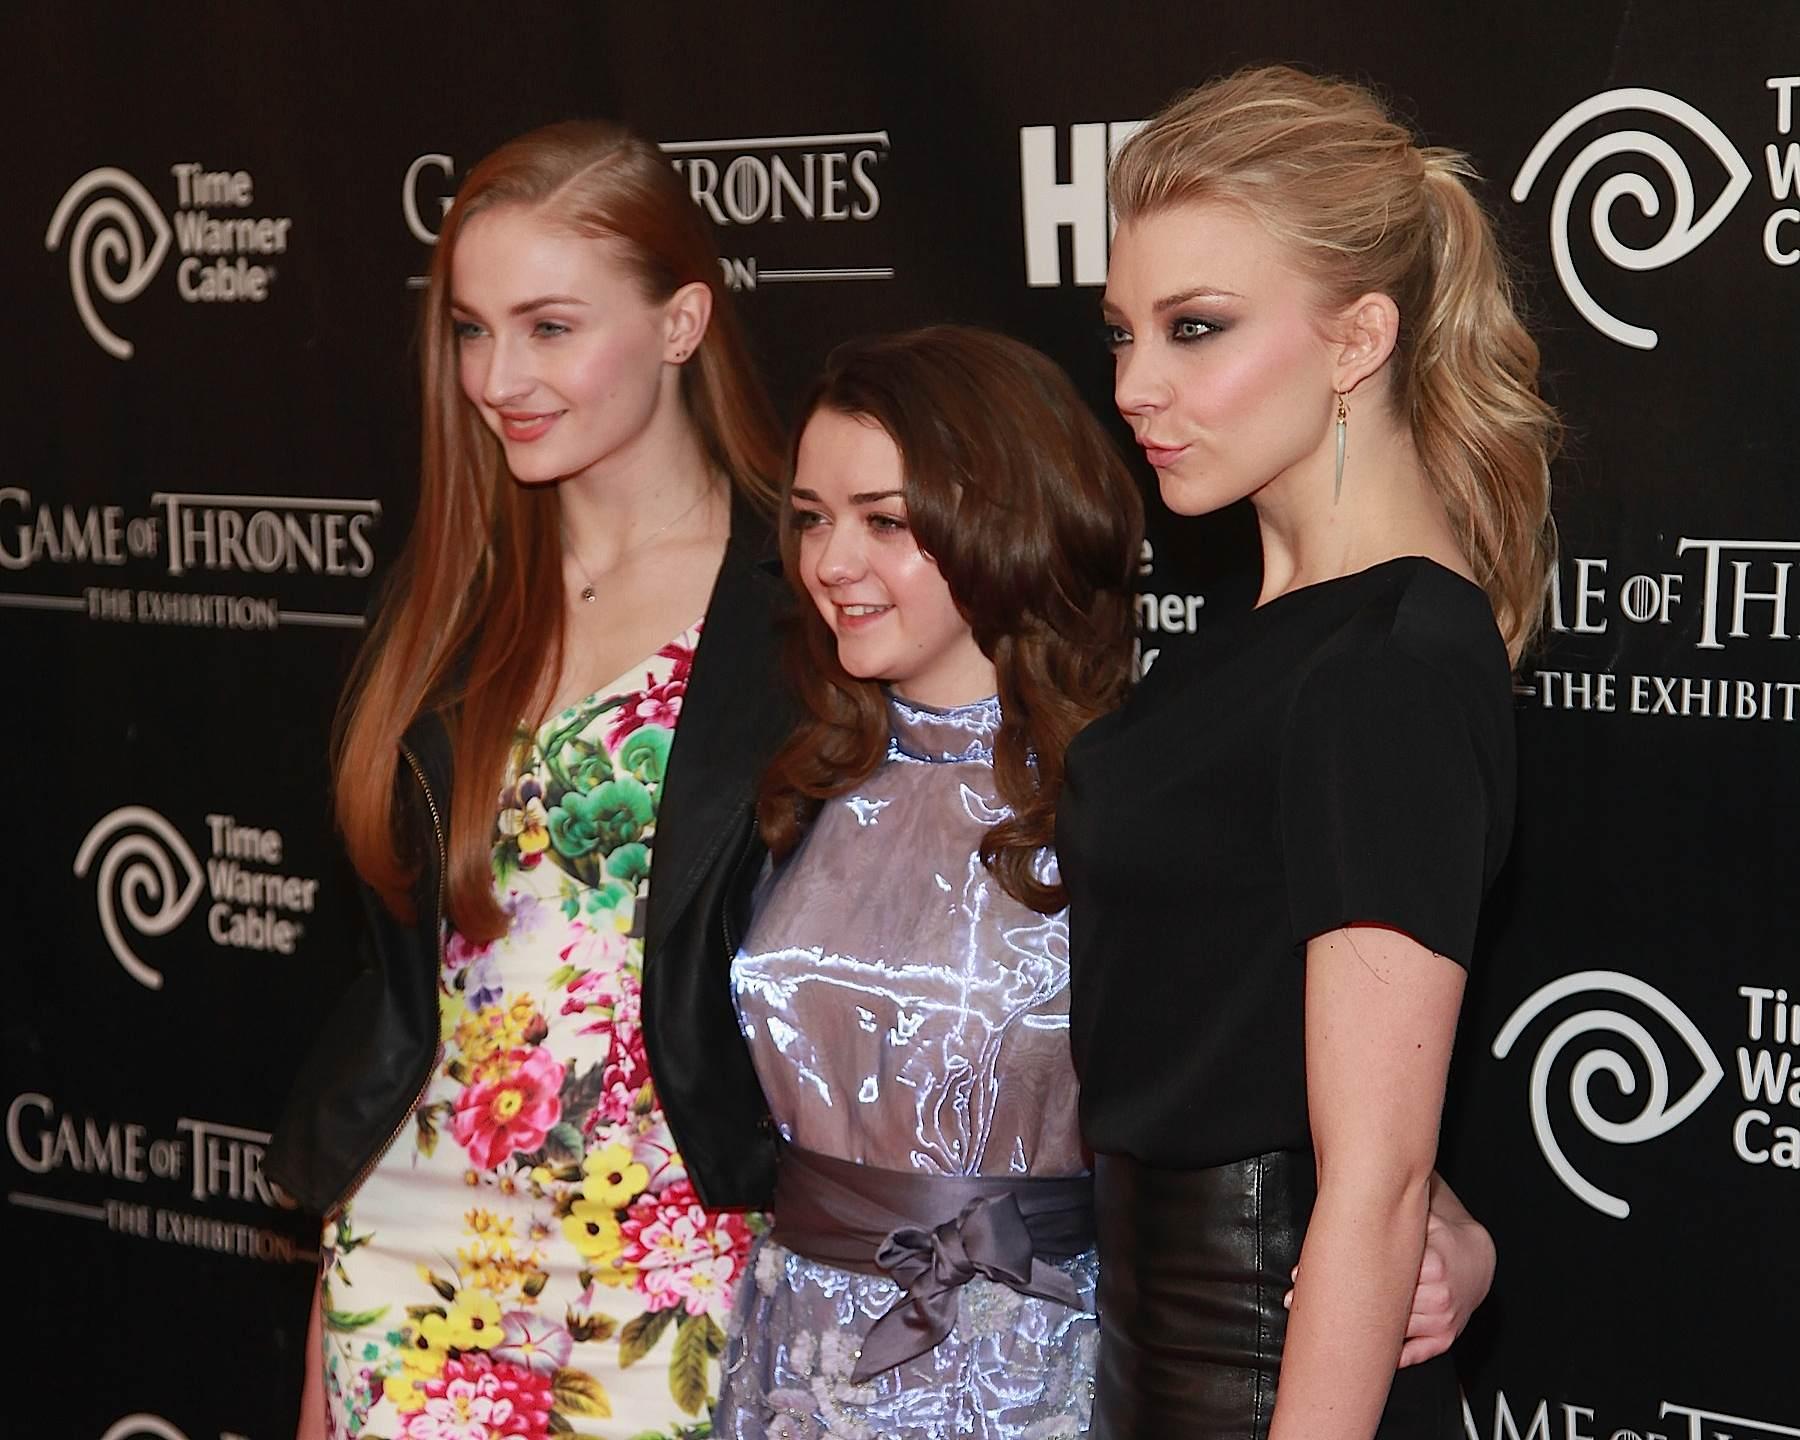 NYC Exhibition - Sophie Turner, Maisie Williams, Natalie Dormer